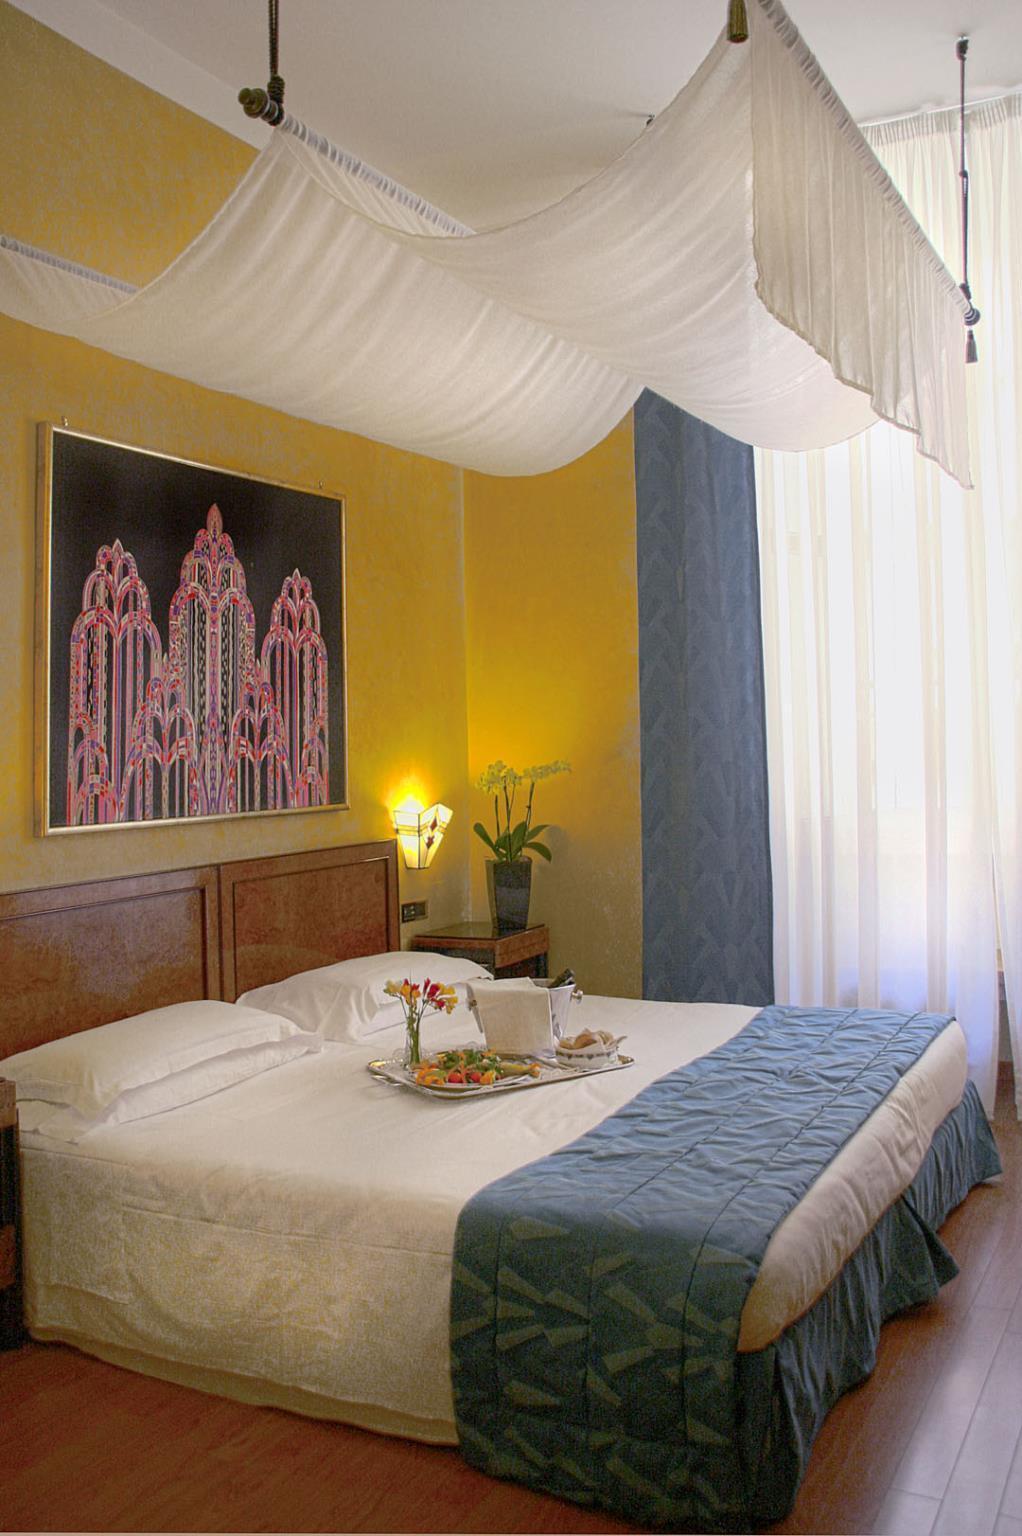 Best Western Hotel Room: Best Western Artdeco Hotel In Rome